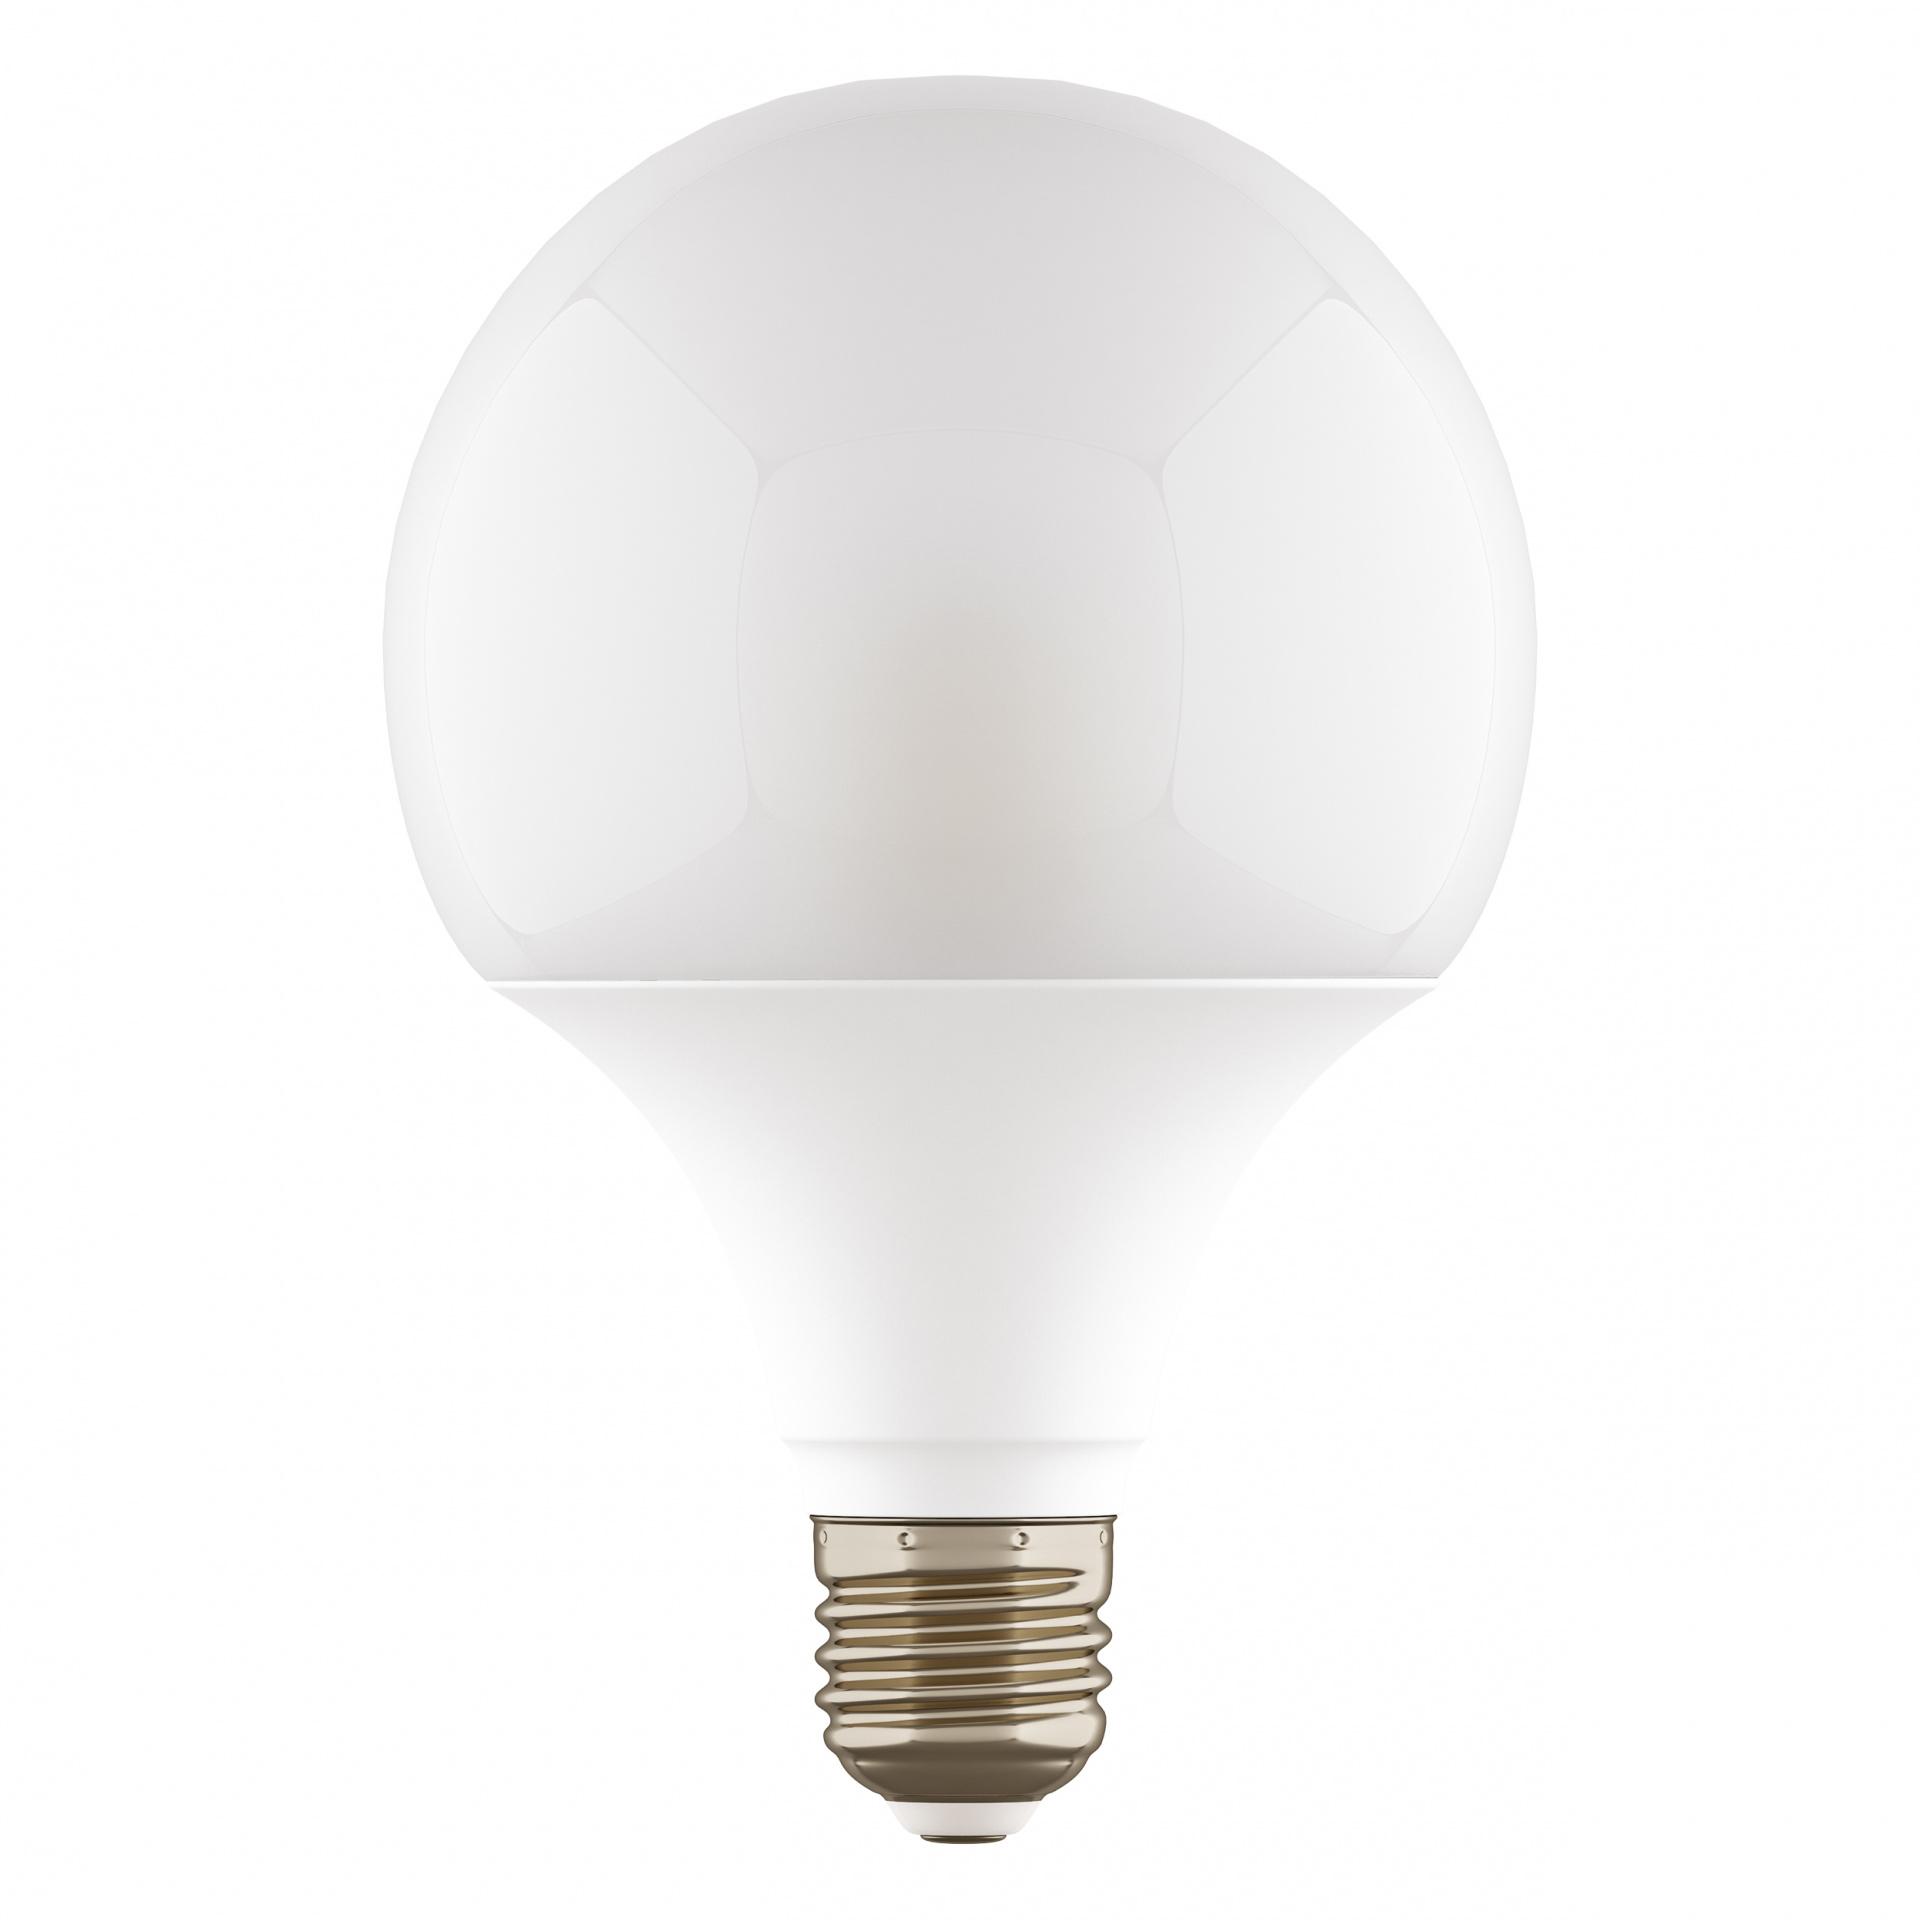 Лампа LED 220V G95 E27 12W=120W 1100LM 180G WH 4000K 20000H DIMM Lightstar 931304, купить в СПб, Москве, с доставкой, Санкт-Петербург, интернет-магазин люстр и светильников Starlight, фото в жизни